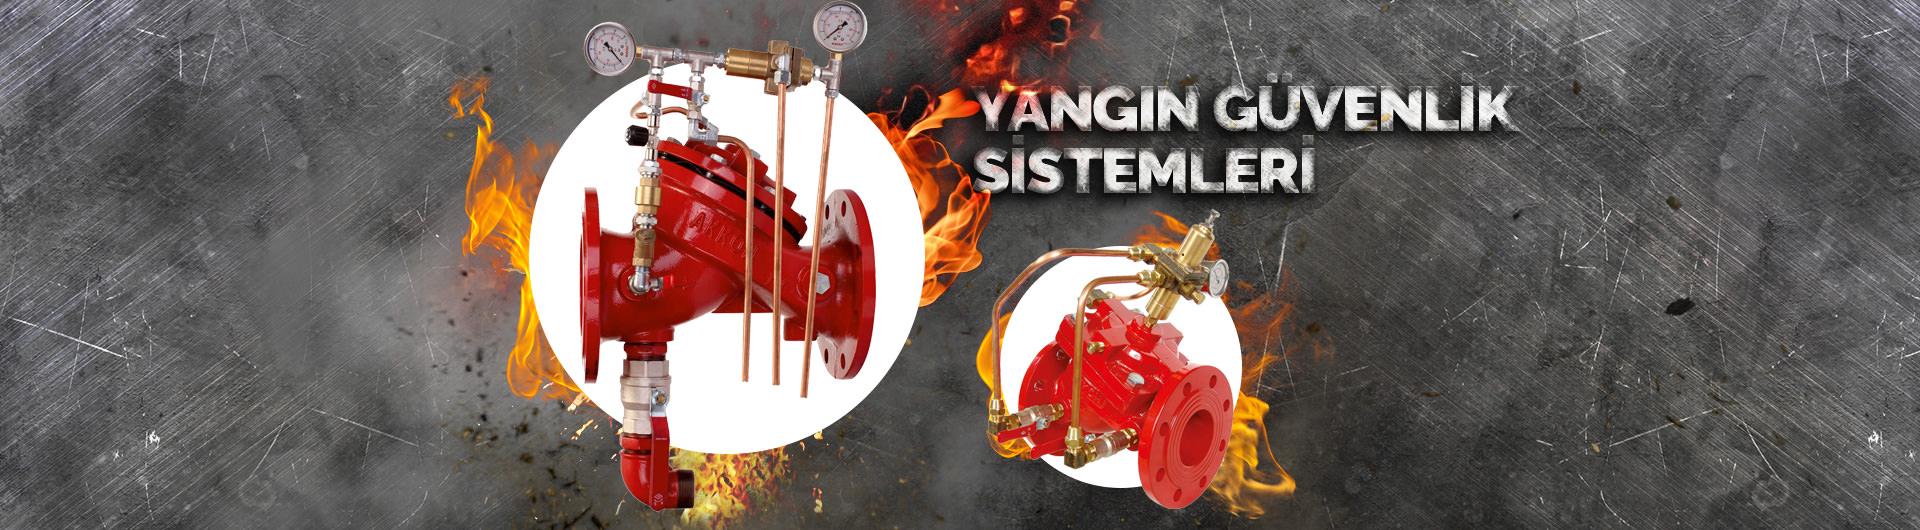 Toros Mühendislik ve Mekanik Sistemler